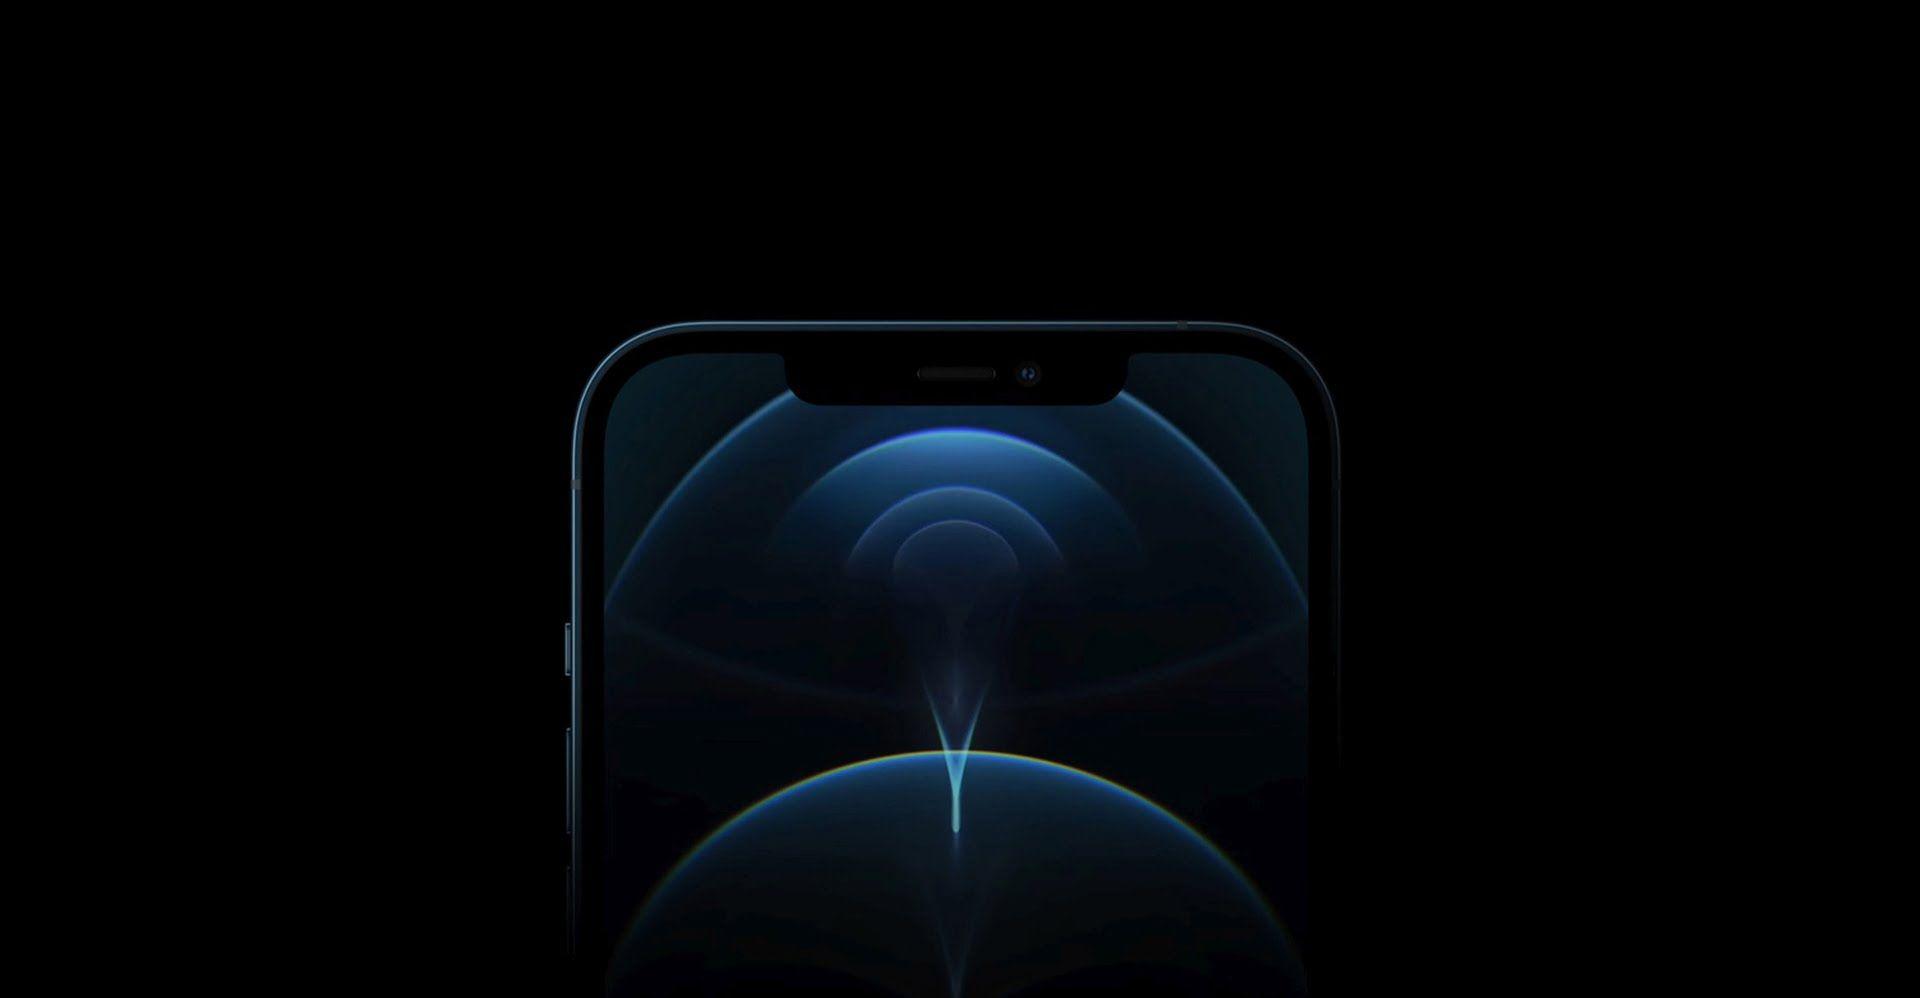 Ekrany z układem LTPO mają posiadać wszystkie iPhone'y 13 z serii Pro